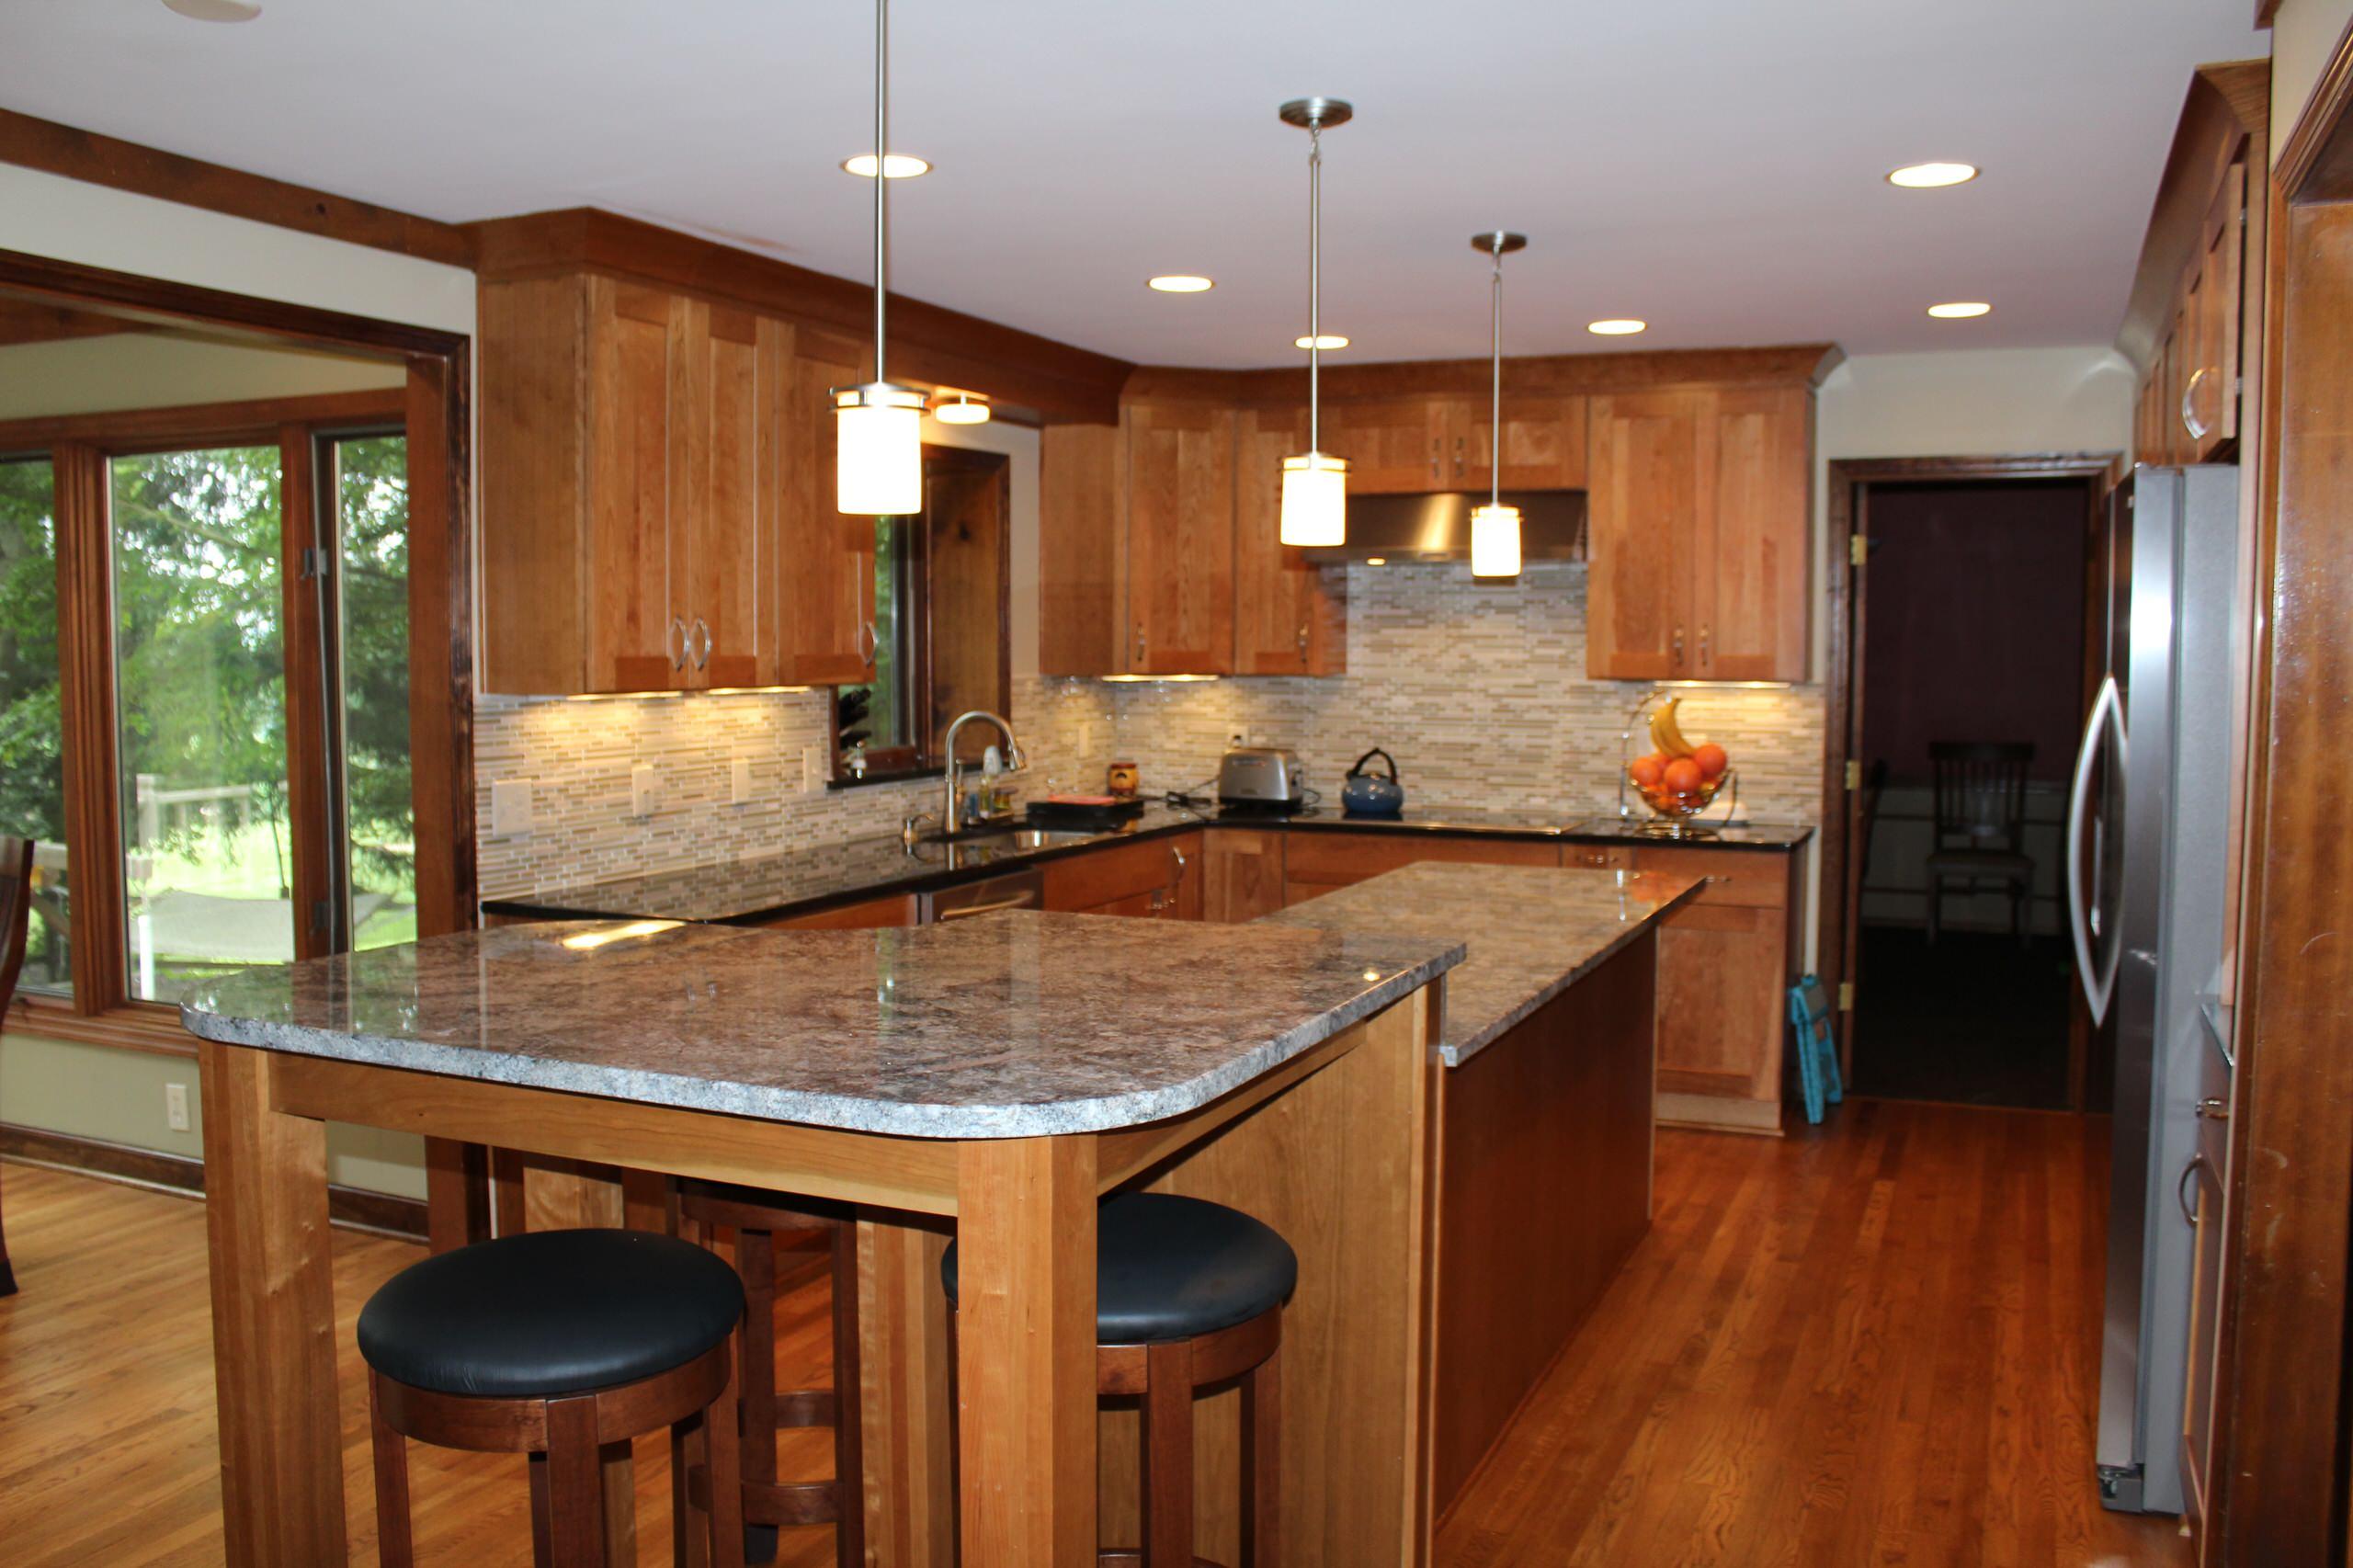 Columbus / kitchen remodel